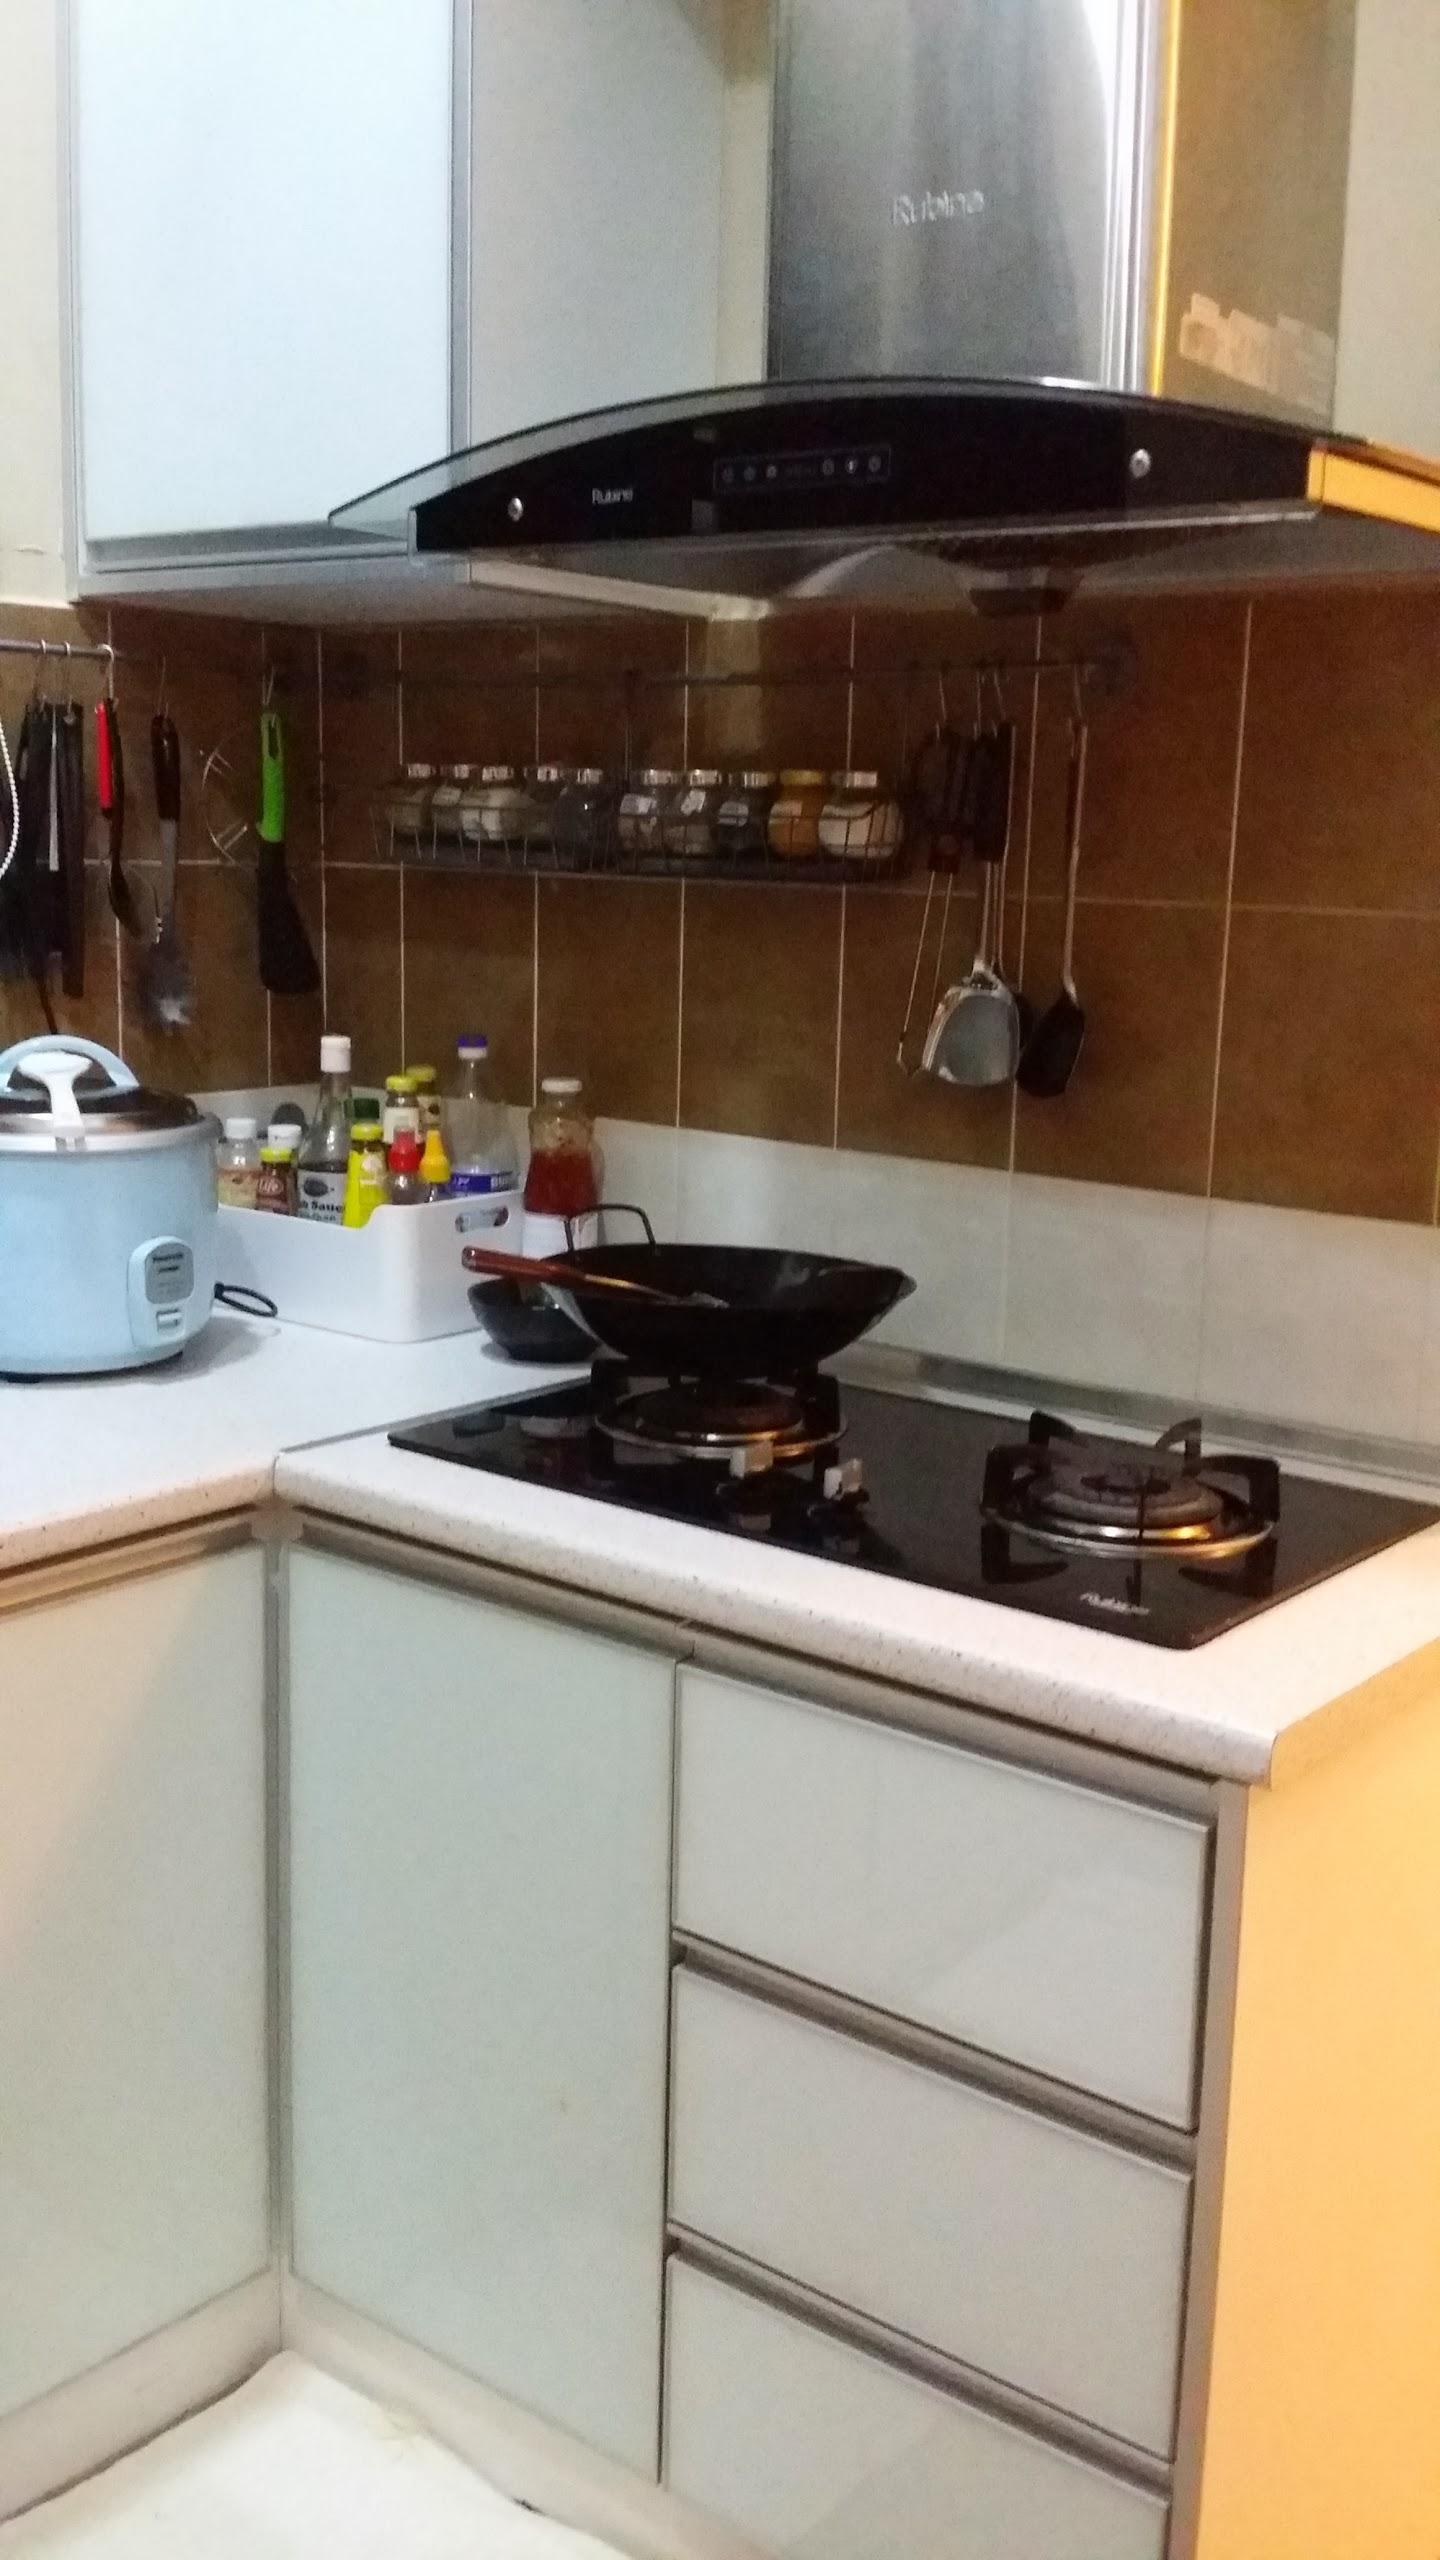 Stove Ni Aku Beli Satu Set Dengan Built In Oven Dan Hood Kat Houz Depot Jln Tar Depan Pertama Complex